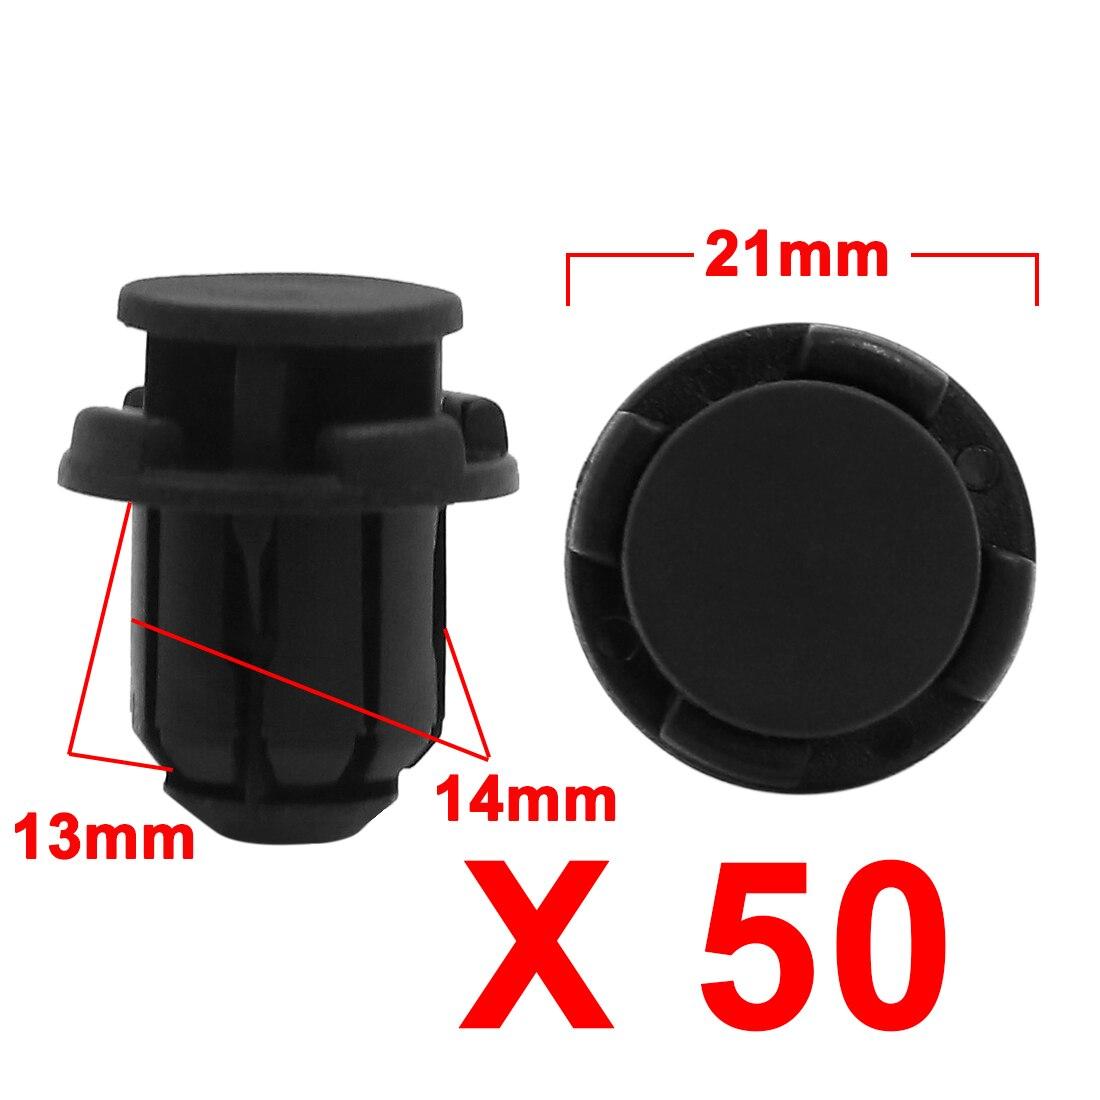 X Autohaux 50 Uds remaches negros de parachoques de coche Clips de plástico sujetadores 14Mm diámetro del agujero